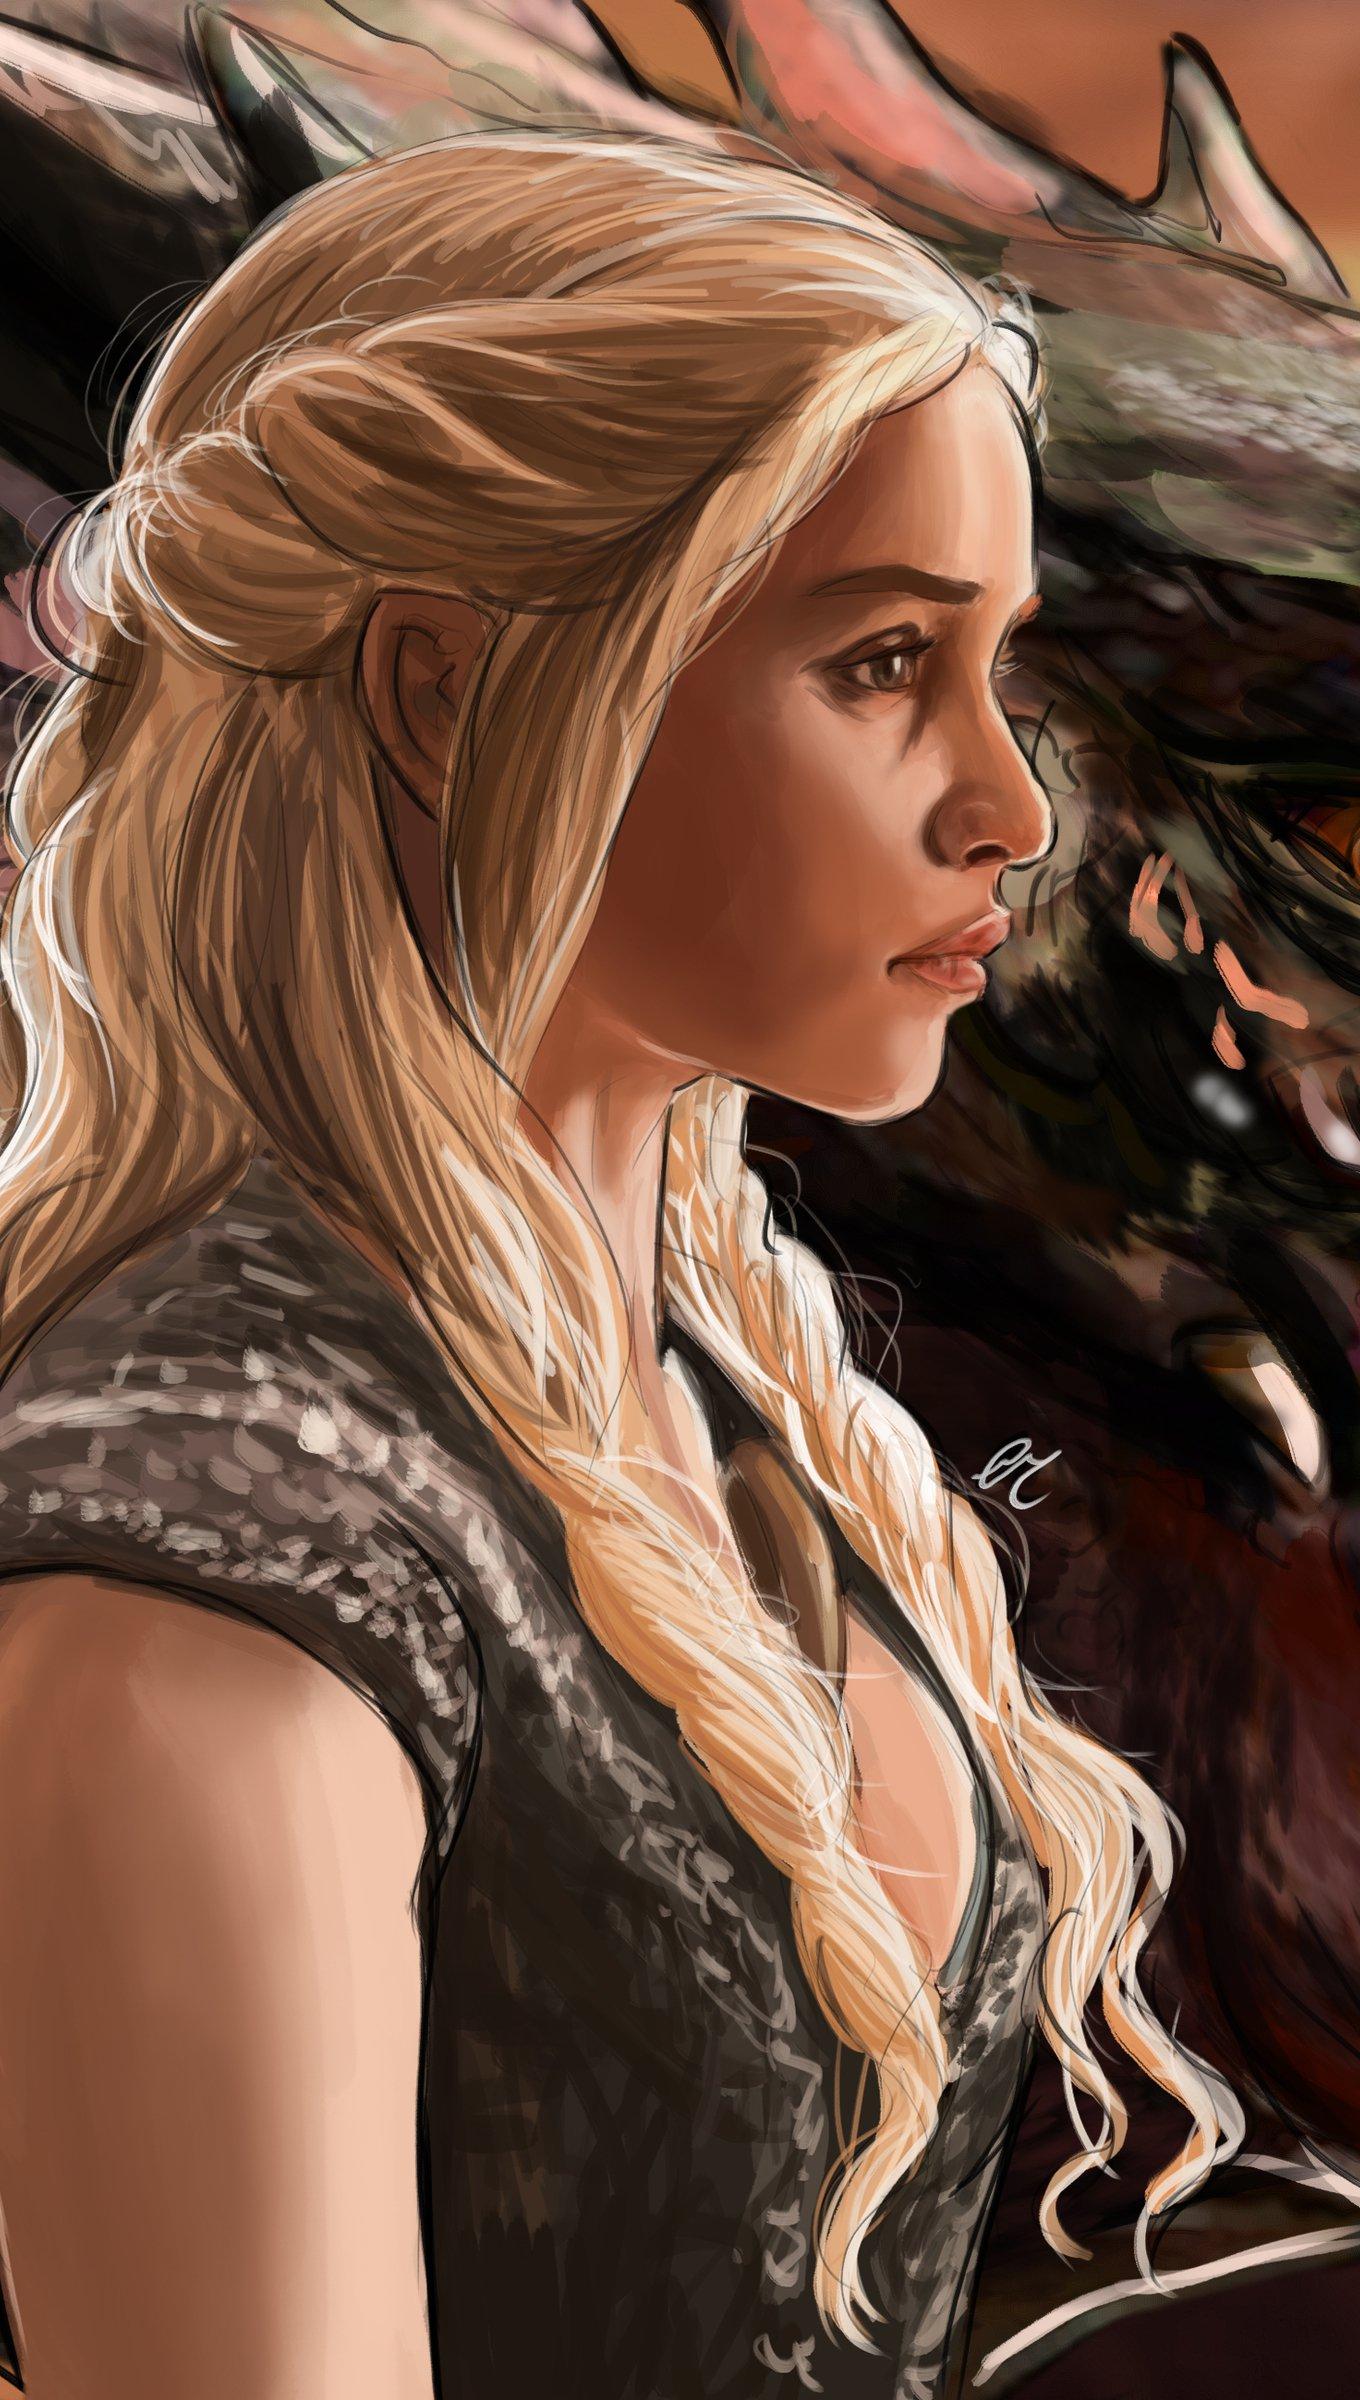 Fondos de pantalla Daenerys Targaryen con dragón Fanart Vertical